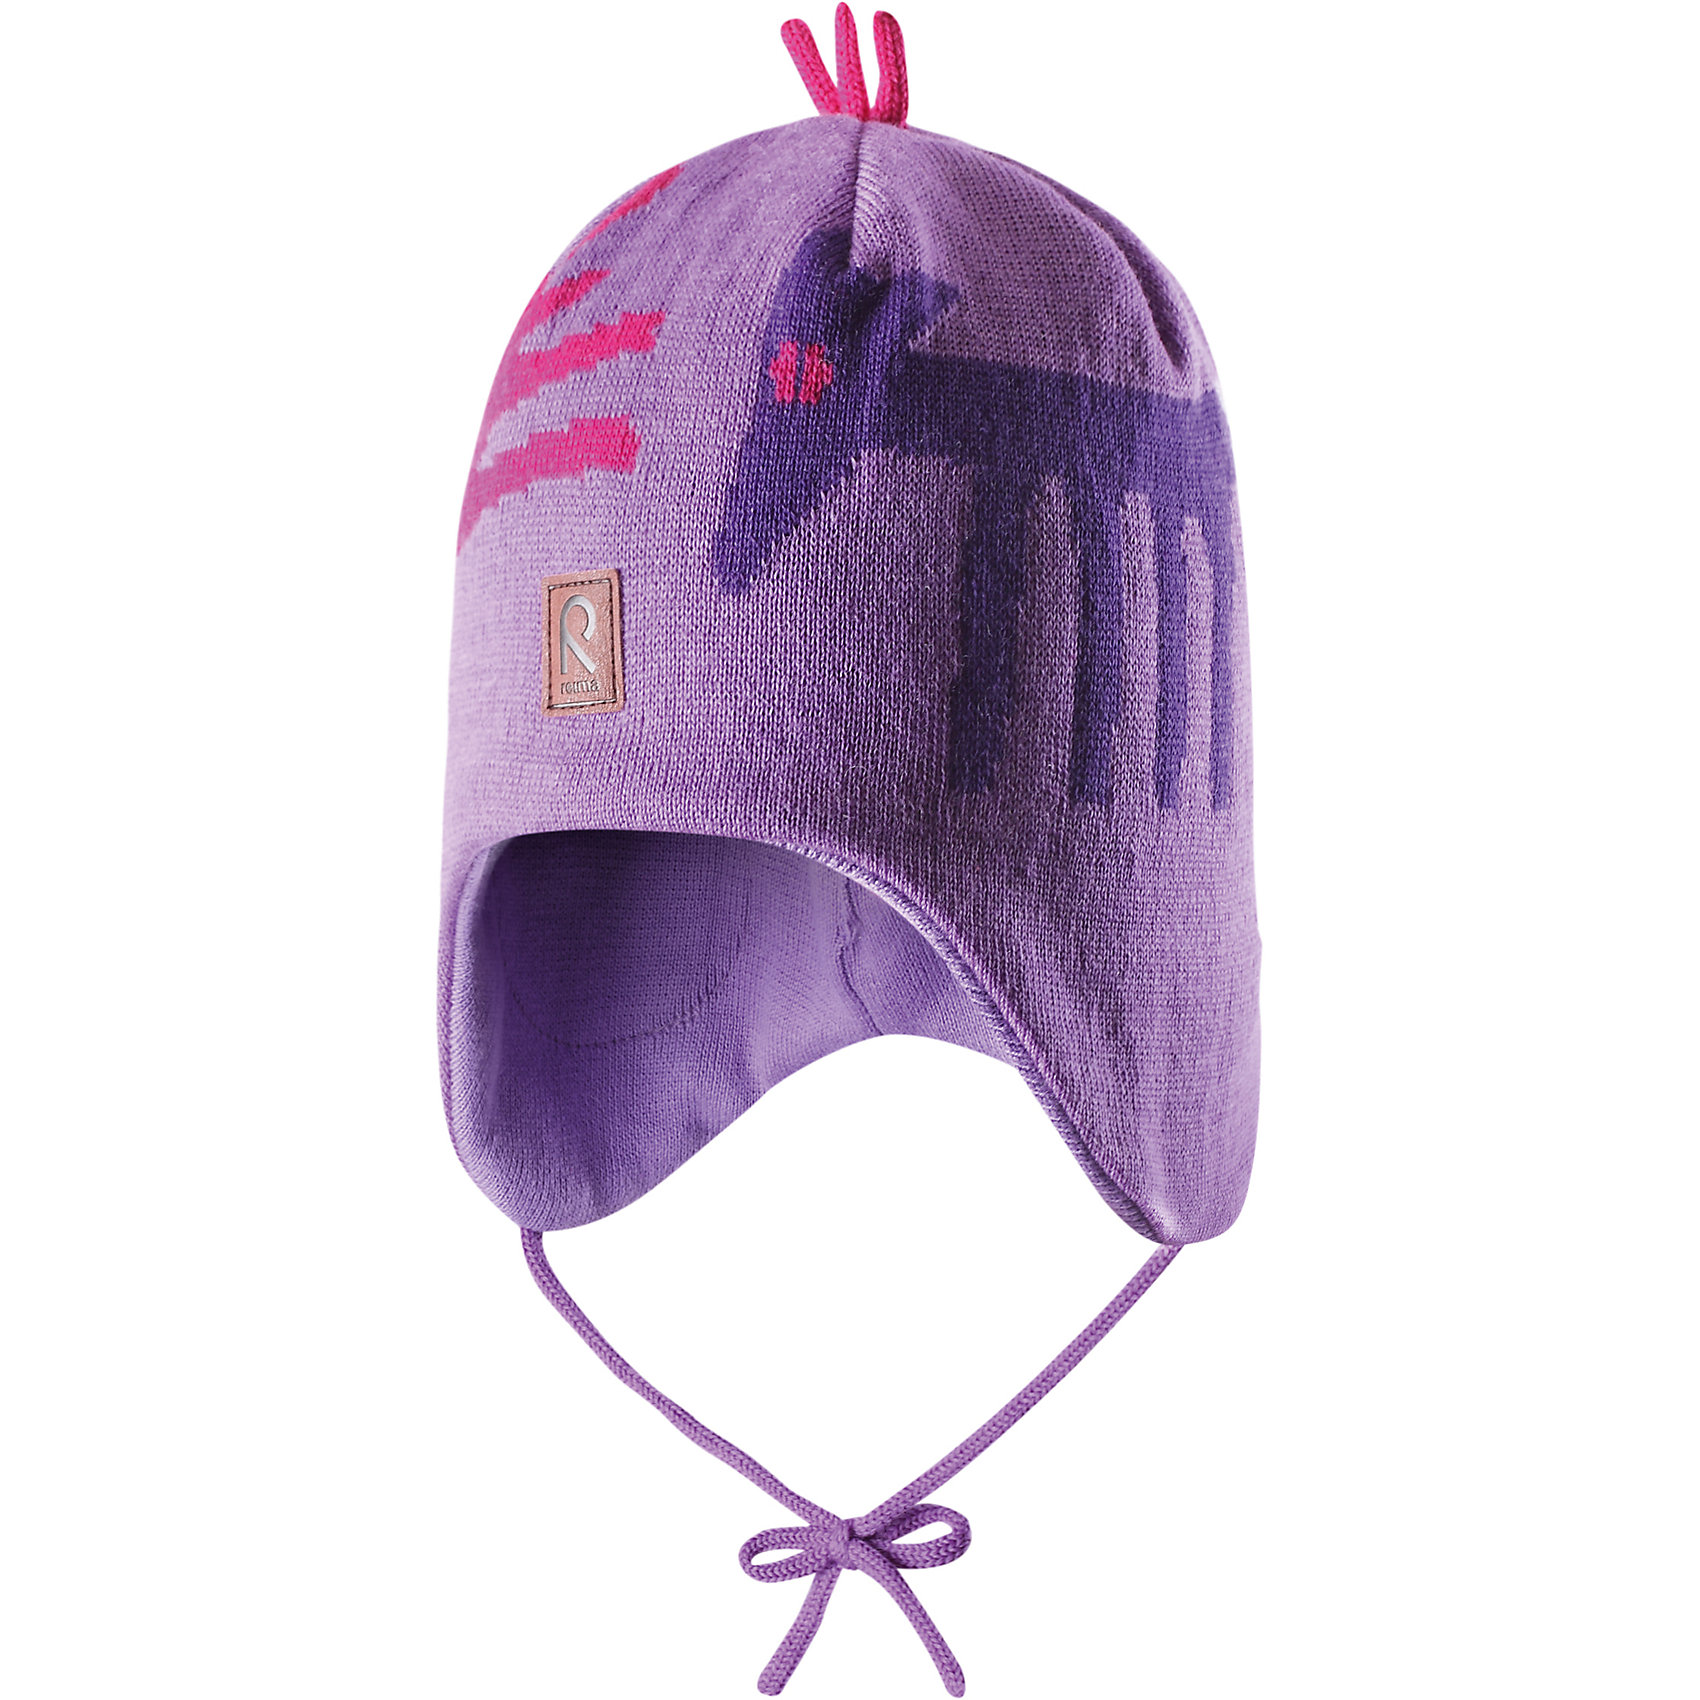 Шапка для девочки ReimaШапочки<br>Эй, лисички! Эта теплая шерстяная шапочка согреет в морозный зимний день! Подкладка из мягкого хлопчатобумажной трикотажа приятна коже и позволяет держать головку в тепле. Ветронепроницаемые вставки в области ушей защитят маленькие уши от холодного ветра, а шнурочки не позволят шапочке соскользнуть во время катания на санках. Шапочка хорошо защитит маленькие уши и лоб в холодную погоду.<br><br> Шерстяная шапочка для малышей и детей постарше<br> Спереди декоративная вышивка<br> Сплошная подкладка: мягкая хлопчатобумажная подкладка<br>Ветронепроницаемые вставки в области ушей <br>Забавный рисунок «лисица»<br>Состав:<br>100% Шерсть<br><br><br>Шапку Reima (Рейма) можно купить в нашем магазине.<br><br>Ширина мм: 89<br>Глубина мм: 117<br>Высота мм: 44<br>Вес г: 155<br>Цвет: фиолетовый<br>Возраст от месяцев: 12<br>Возраст до месяцев: 24<br>Пол: Женский<br>Возраст: Детский<br>Размер: 54,50,52,48,46<br>SKU: 4208771